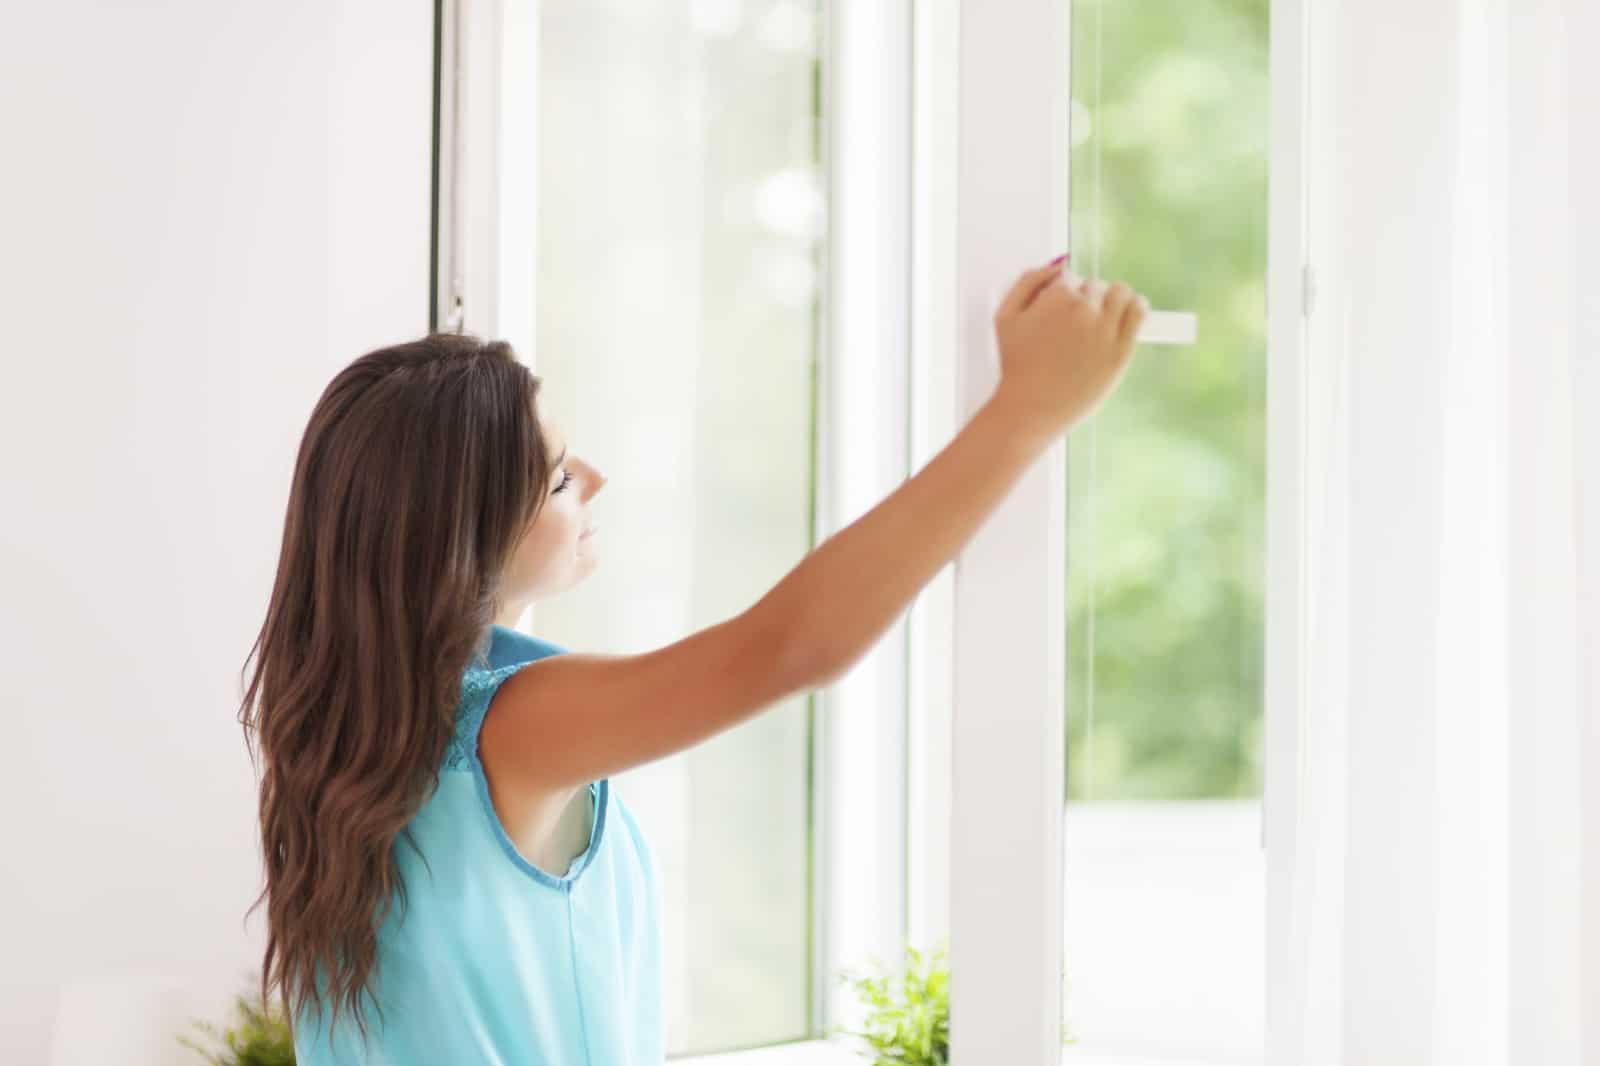 Проветривать жилую комнату ребенка нужно независимо от погодных условий.